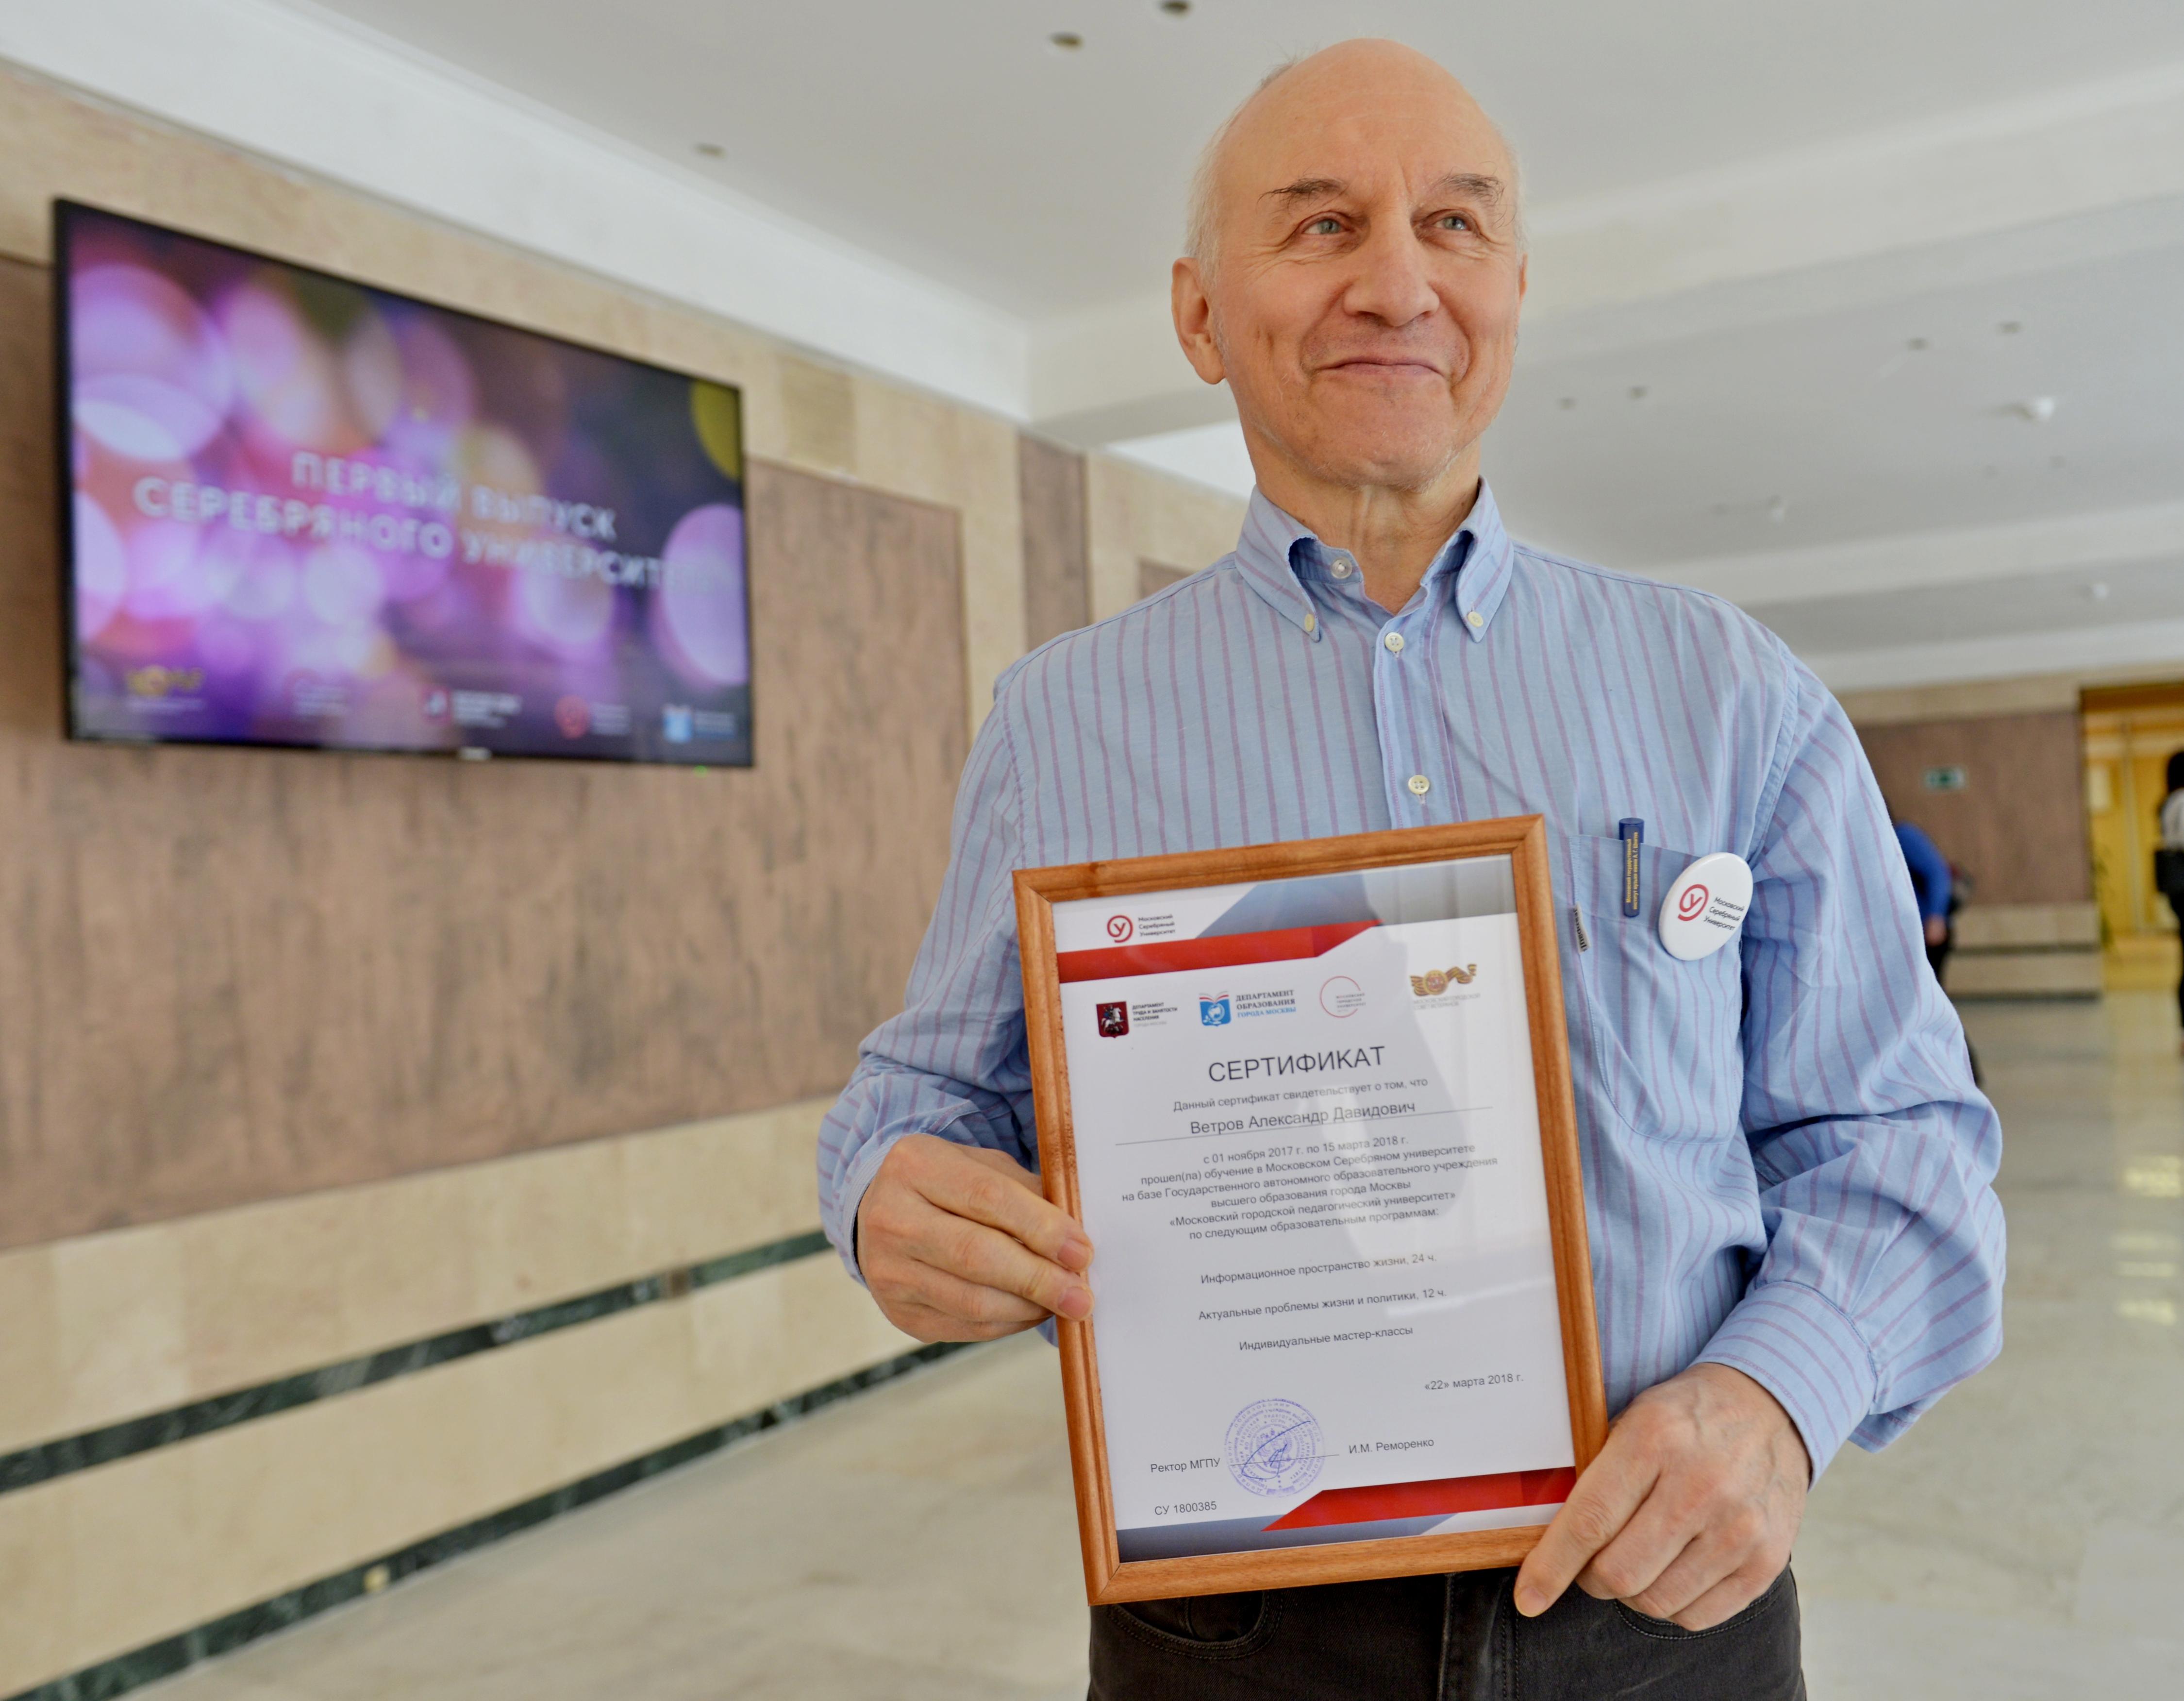 Проект «Серебряный университет» сможет собрать две тысячи пенсионеров